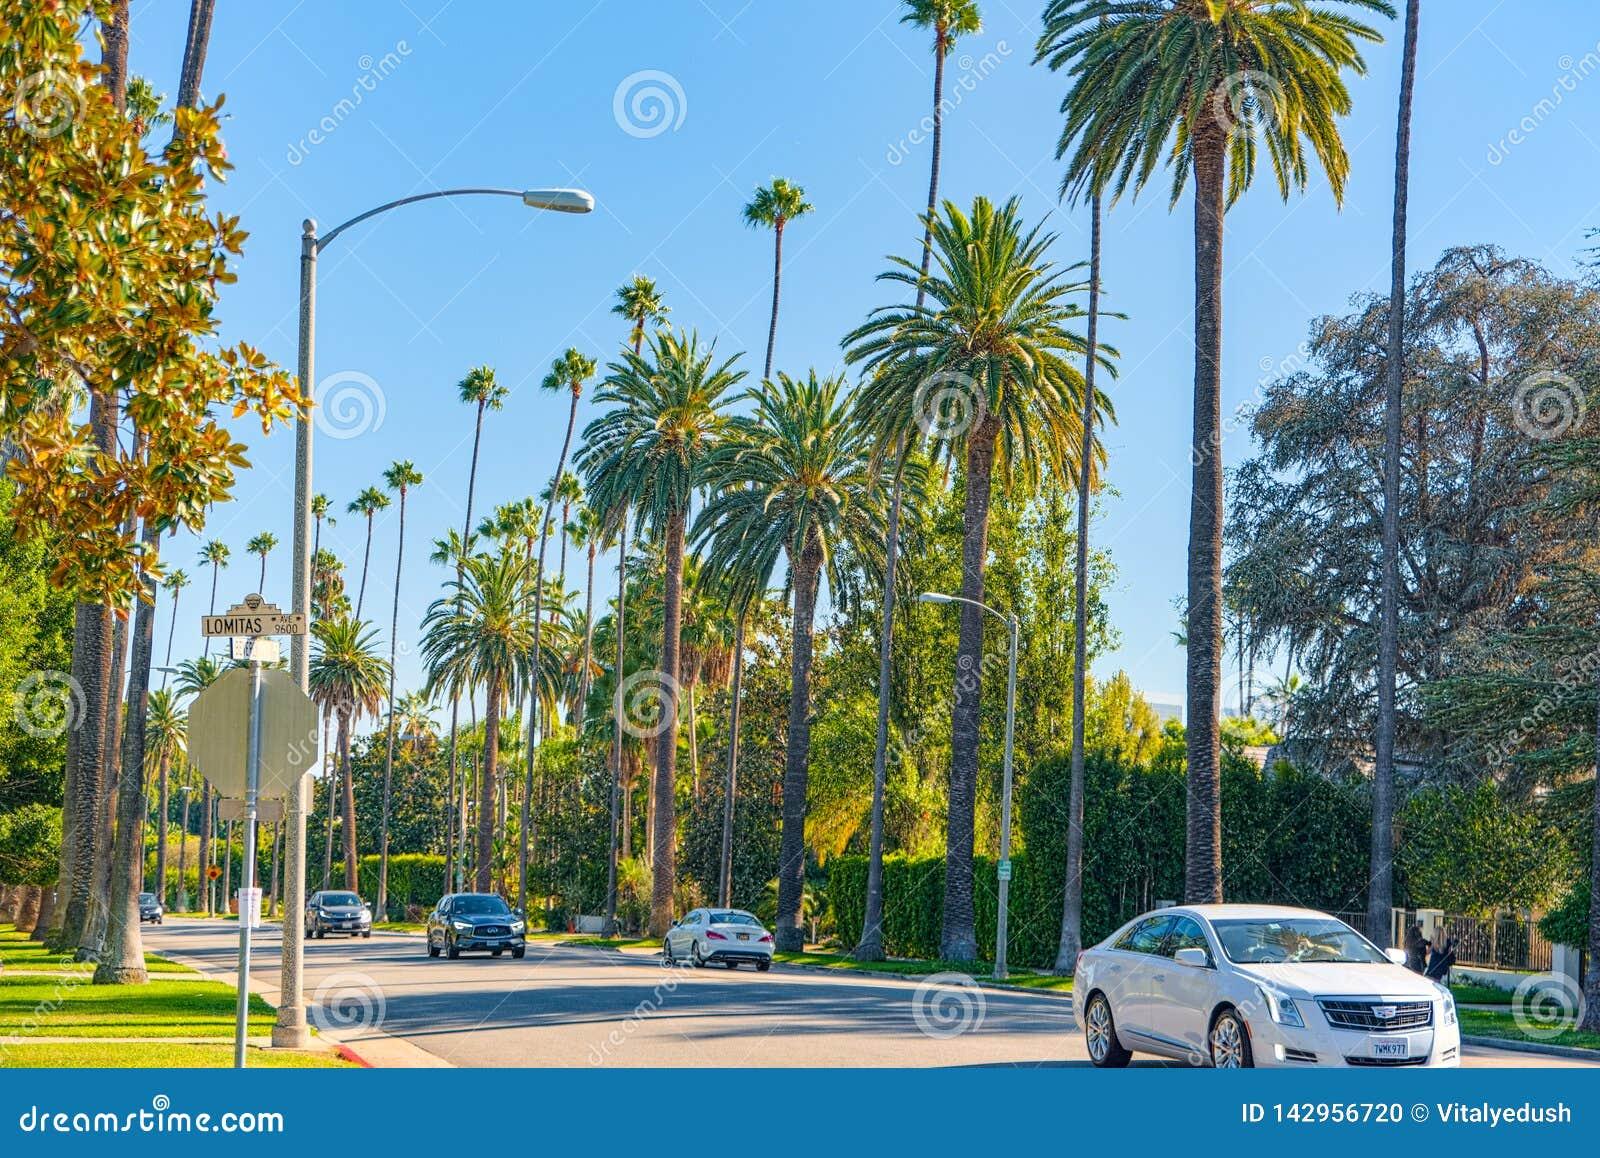 Viste urbane dell area di Beverly Hills e degli edifici residenziali sul Hollywood Hills